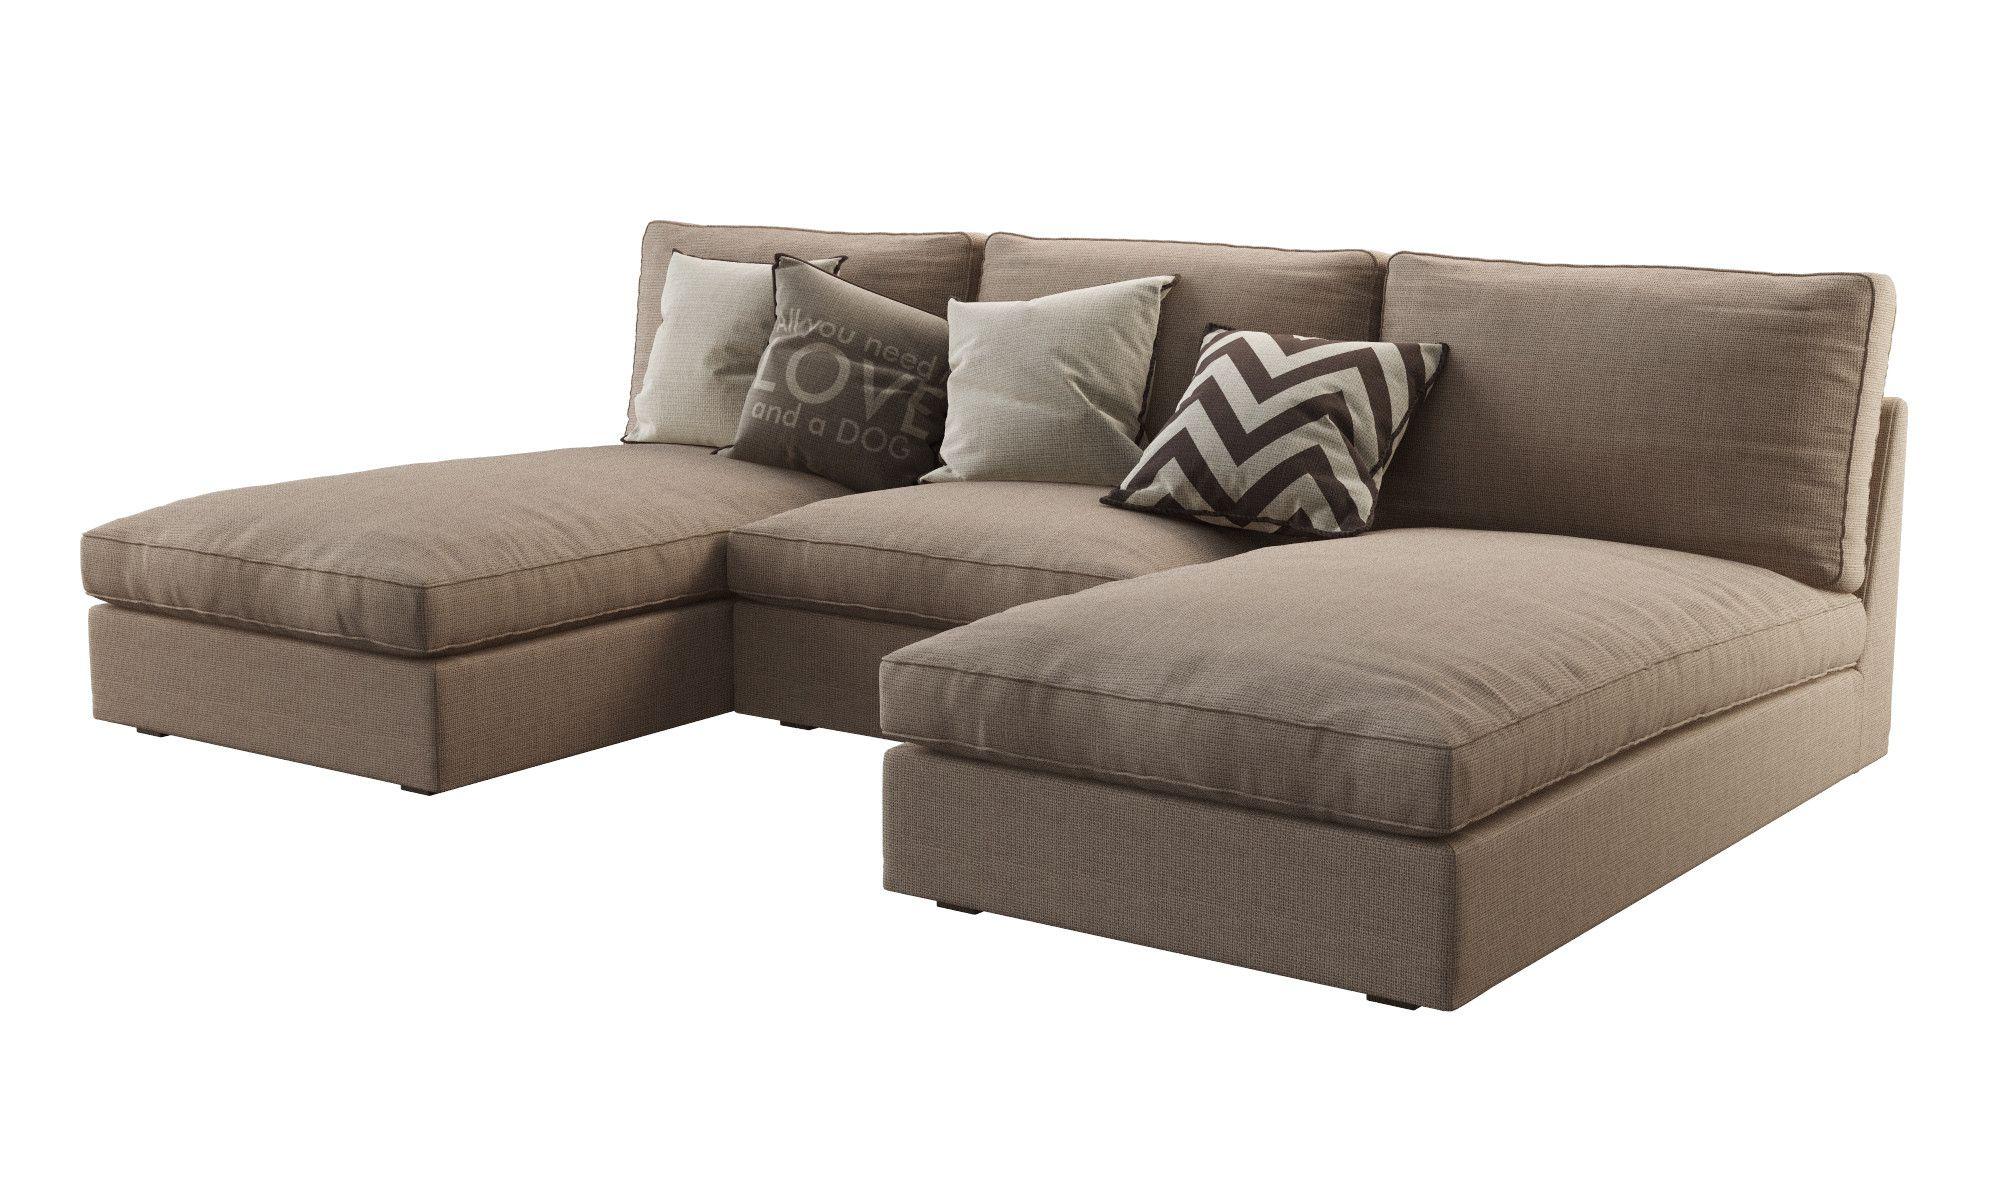 3d Model Ikea Kivik 2 Chaise Ikea Kivik Living Room Decor